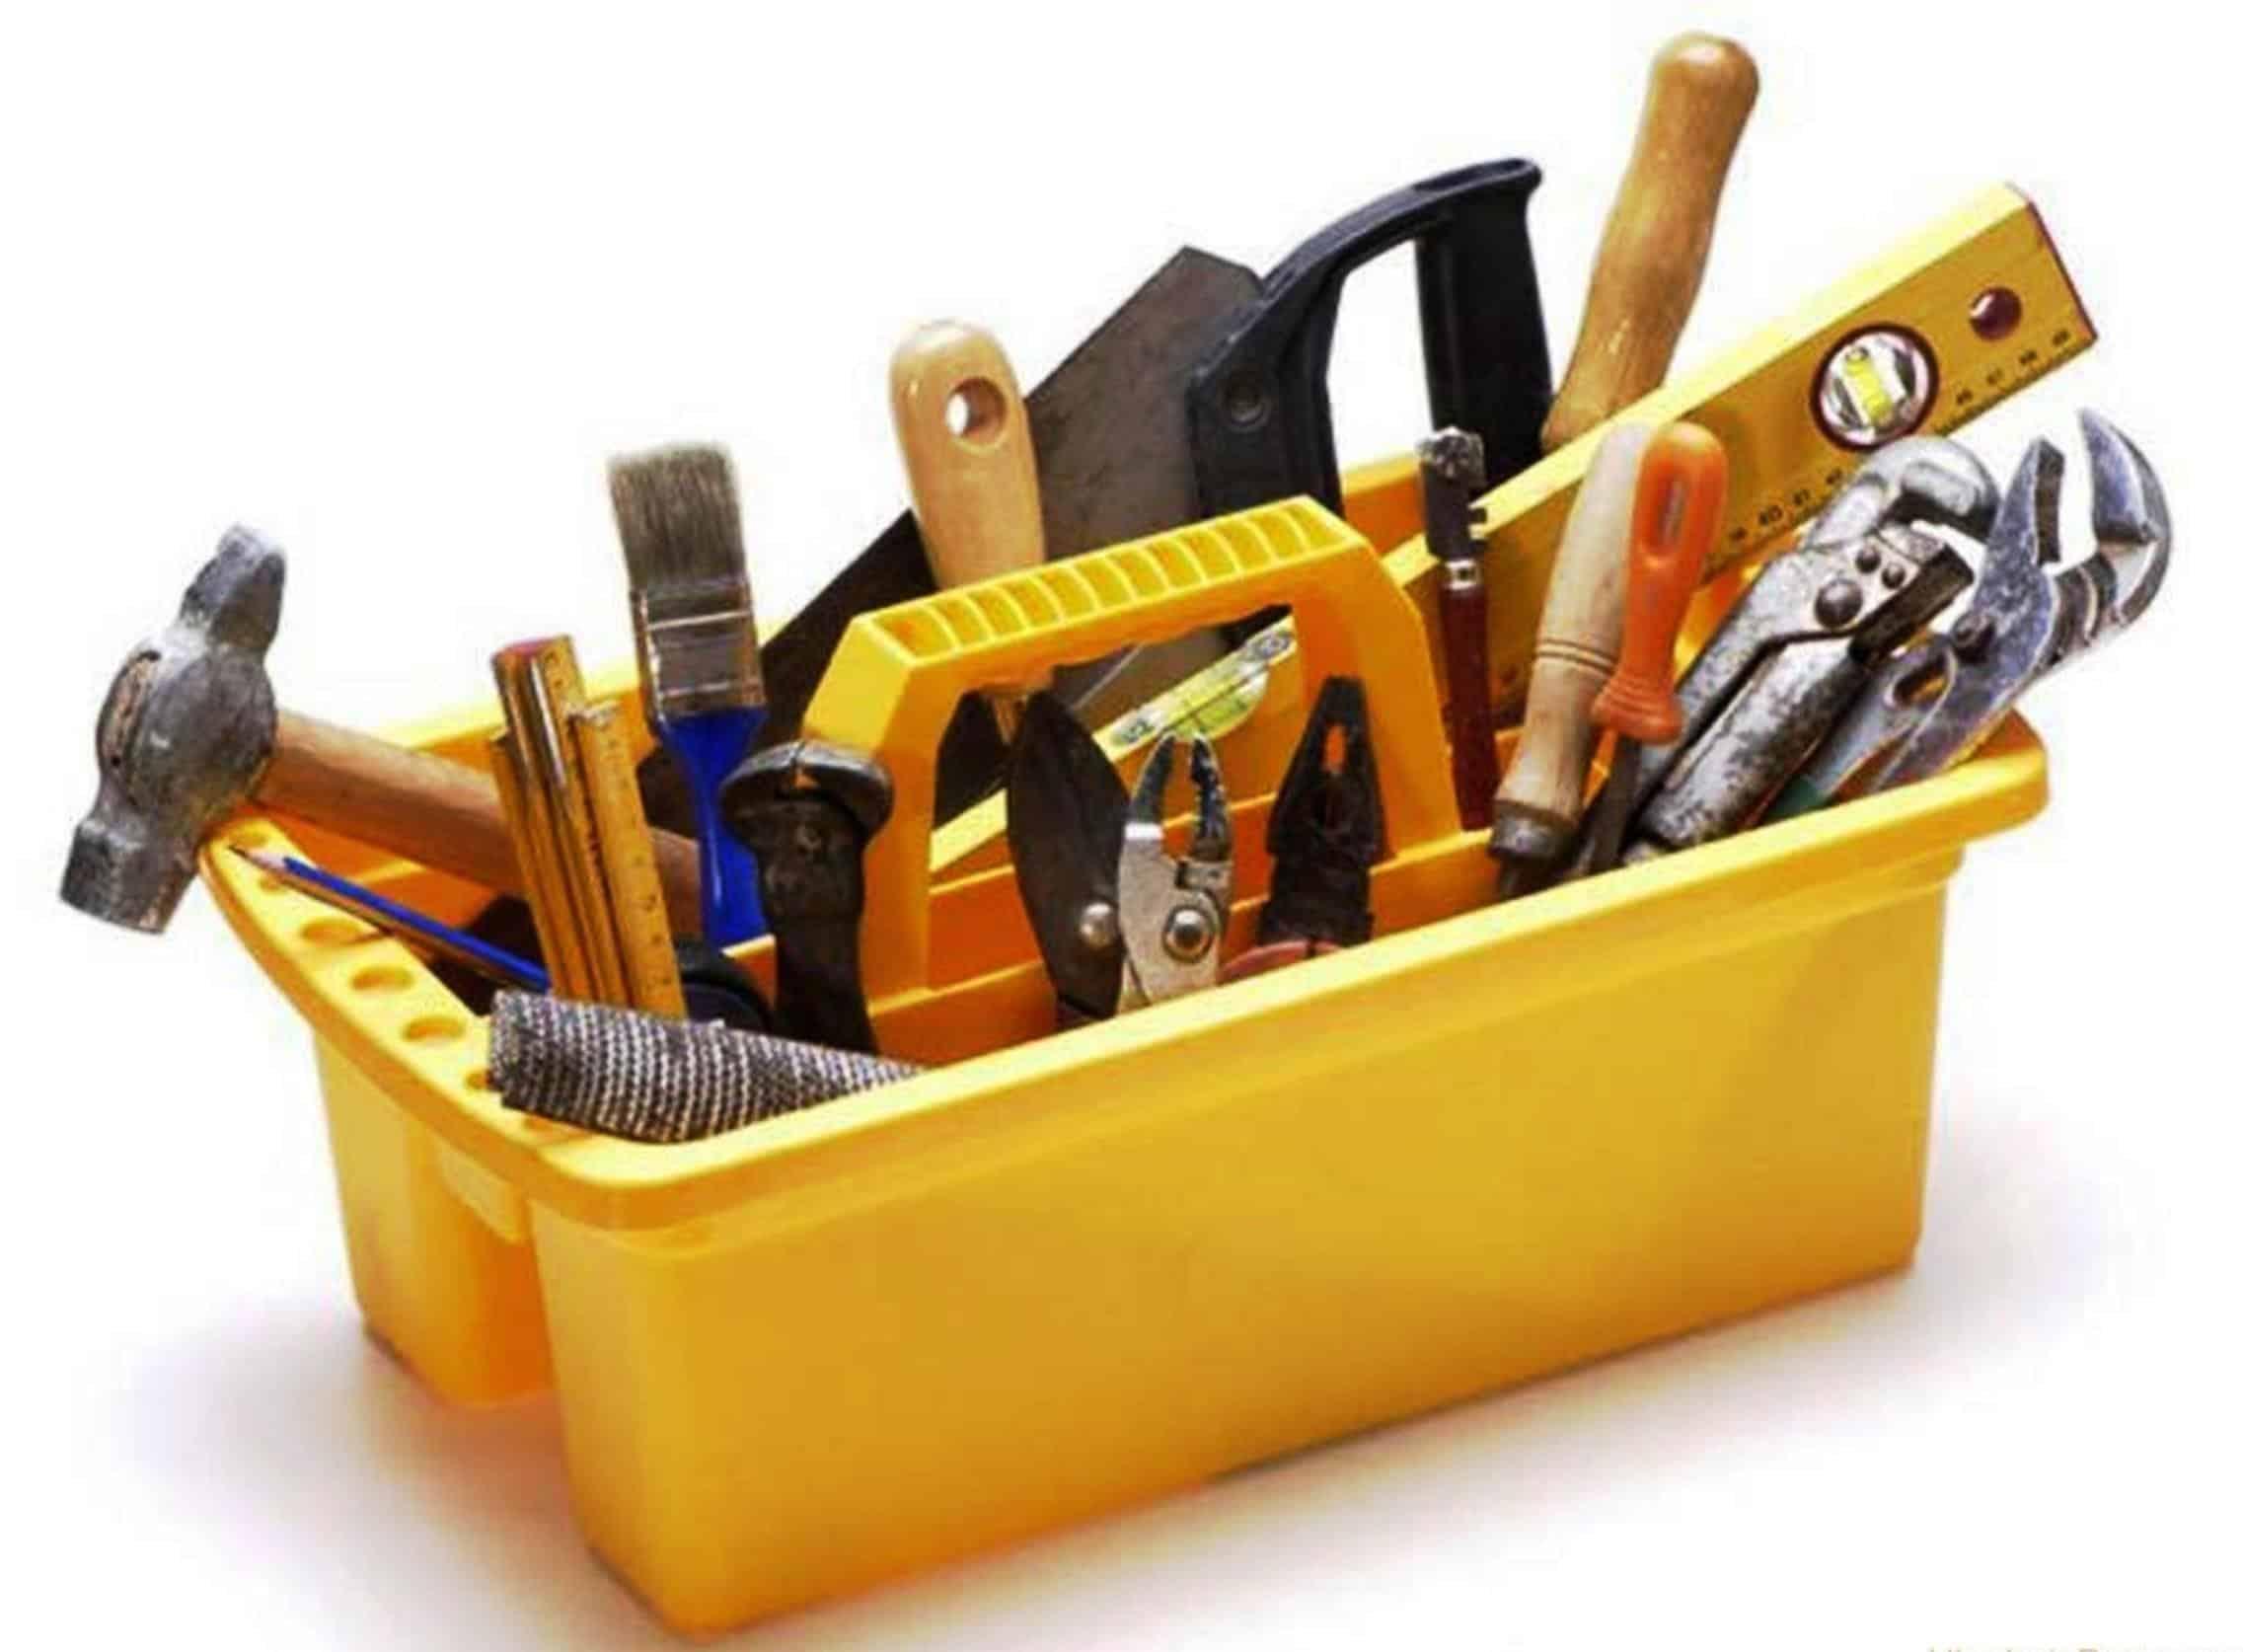 Инструменты и материалы для утепления | Как утеплить бытовку своими руками для зимнего проживания